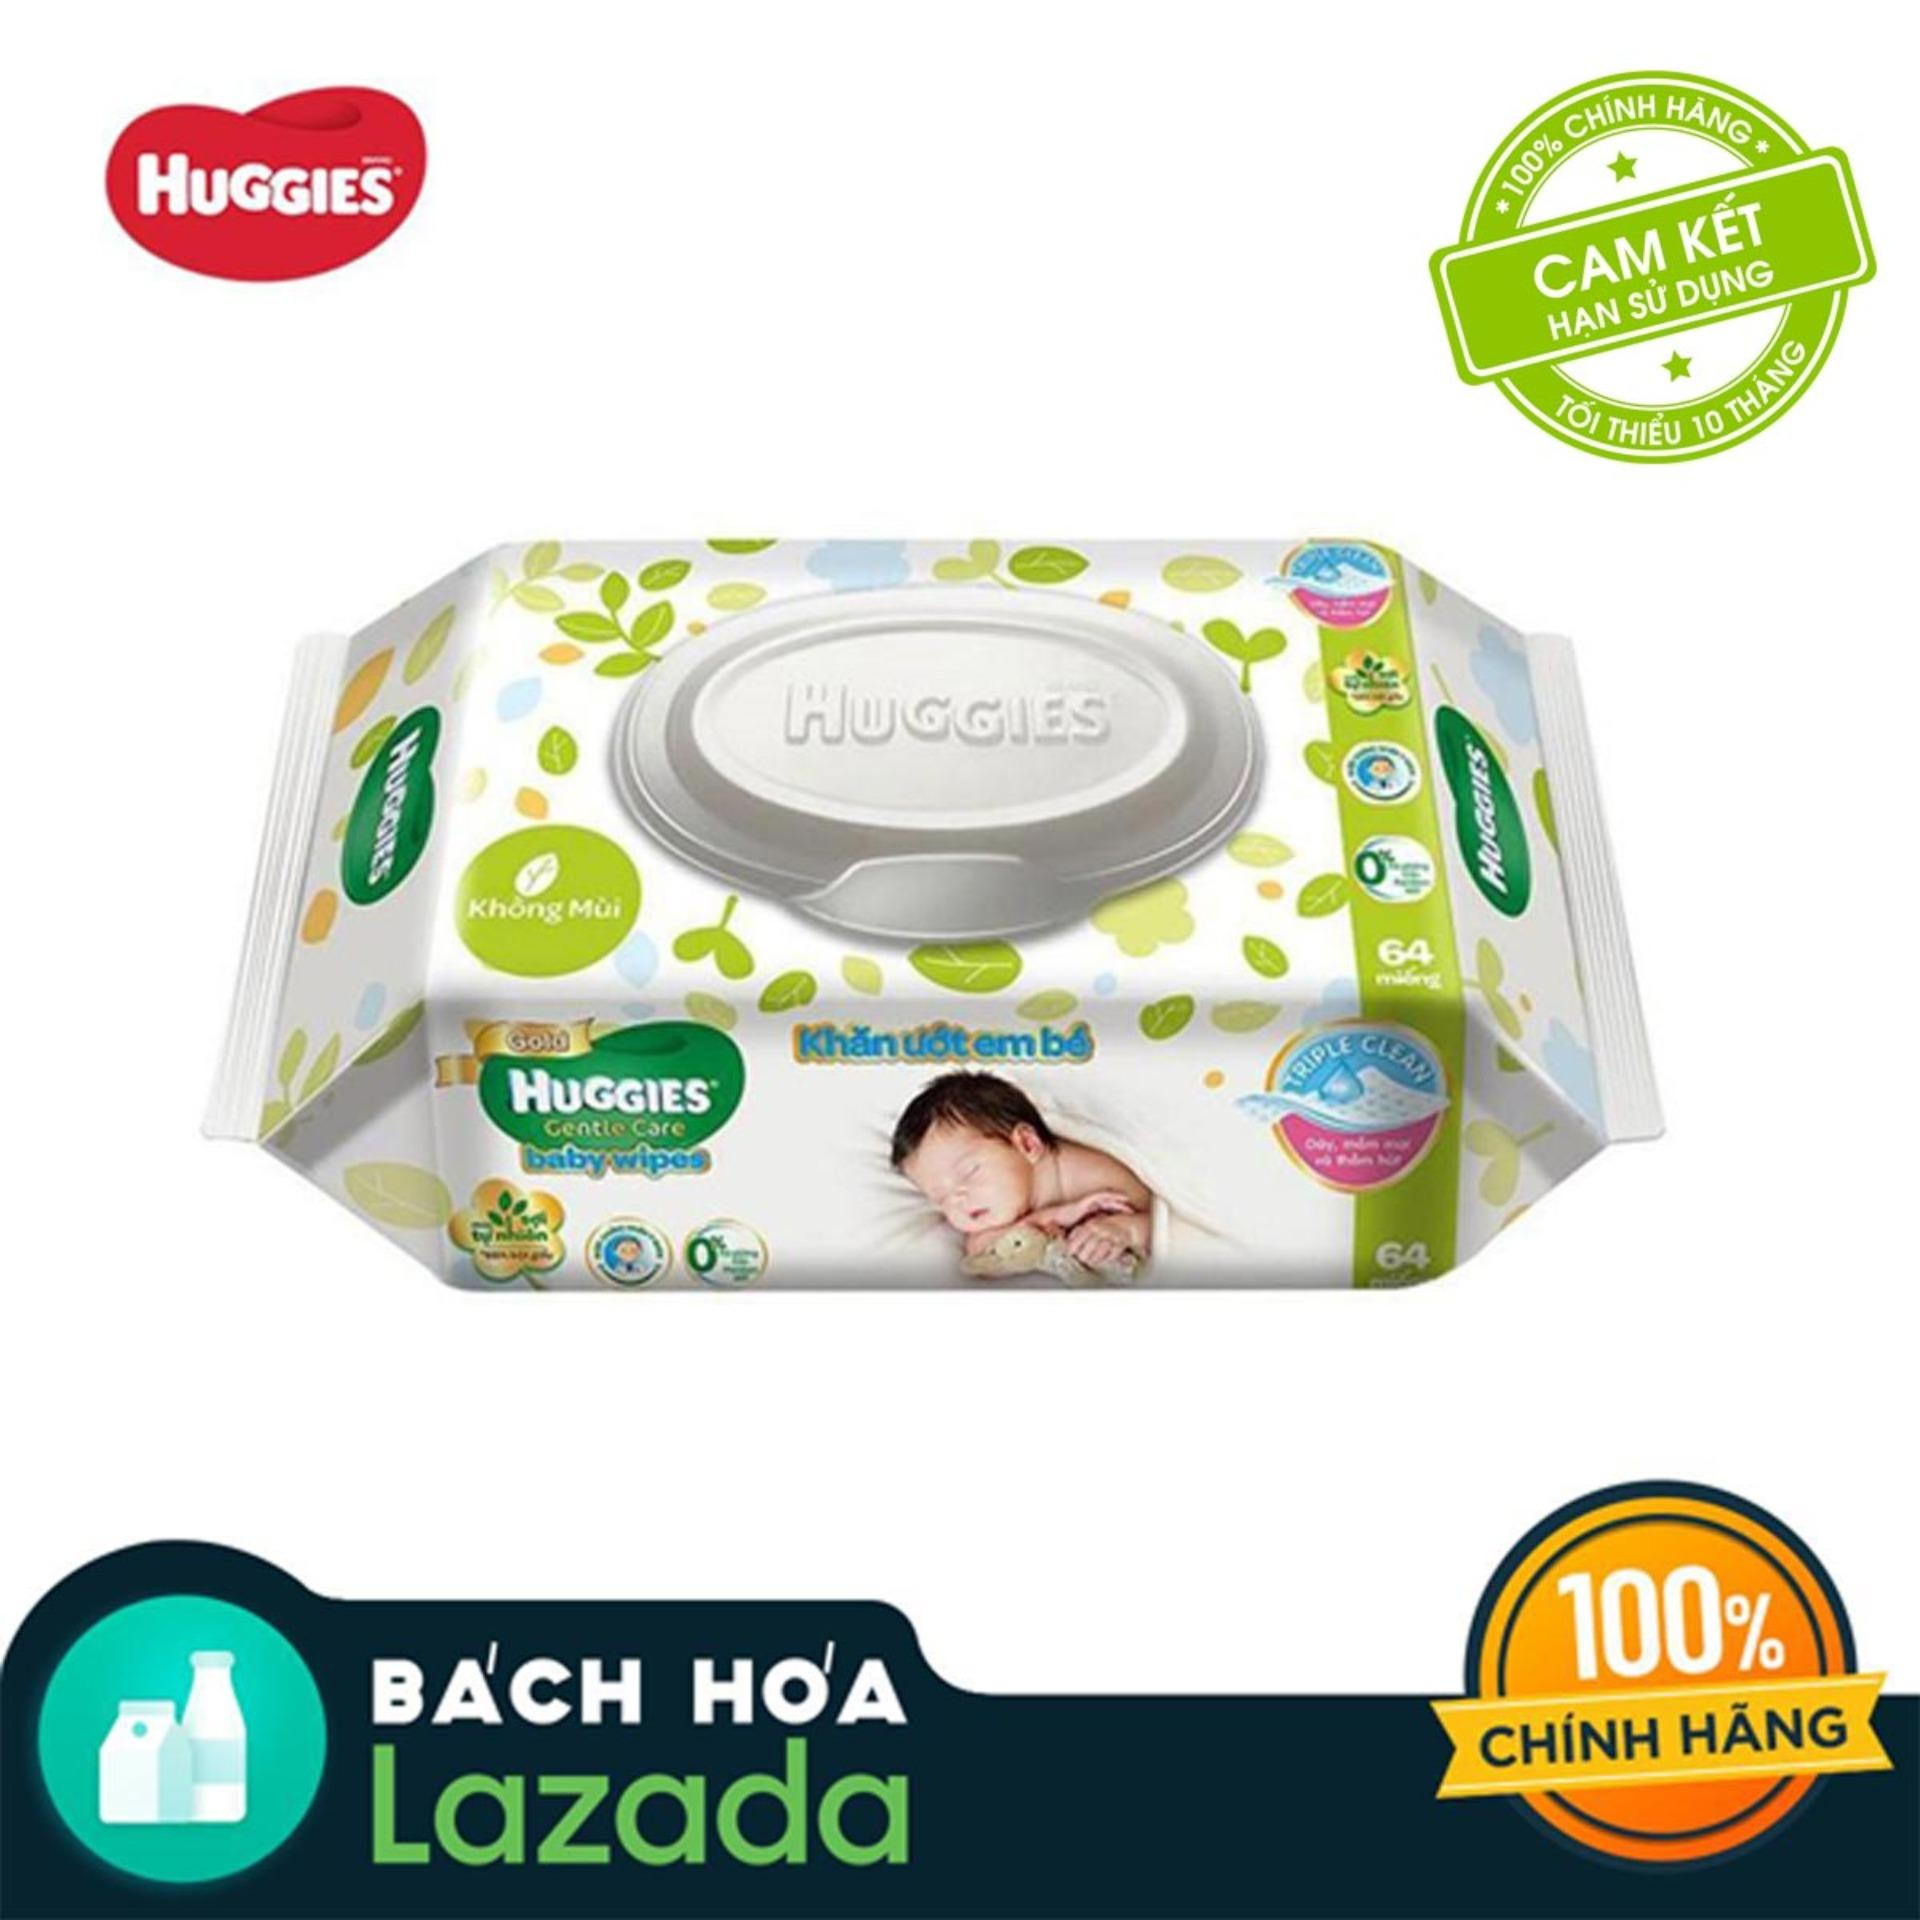 Khăn giấy ướt cho trẻ sơ sinh Huggies 64 tờ